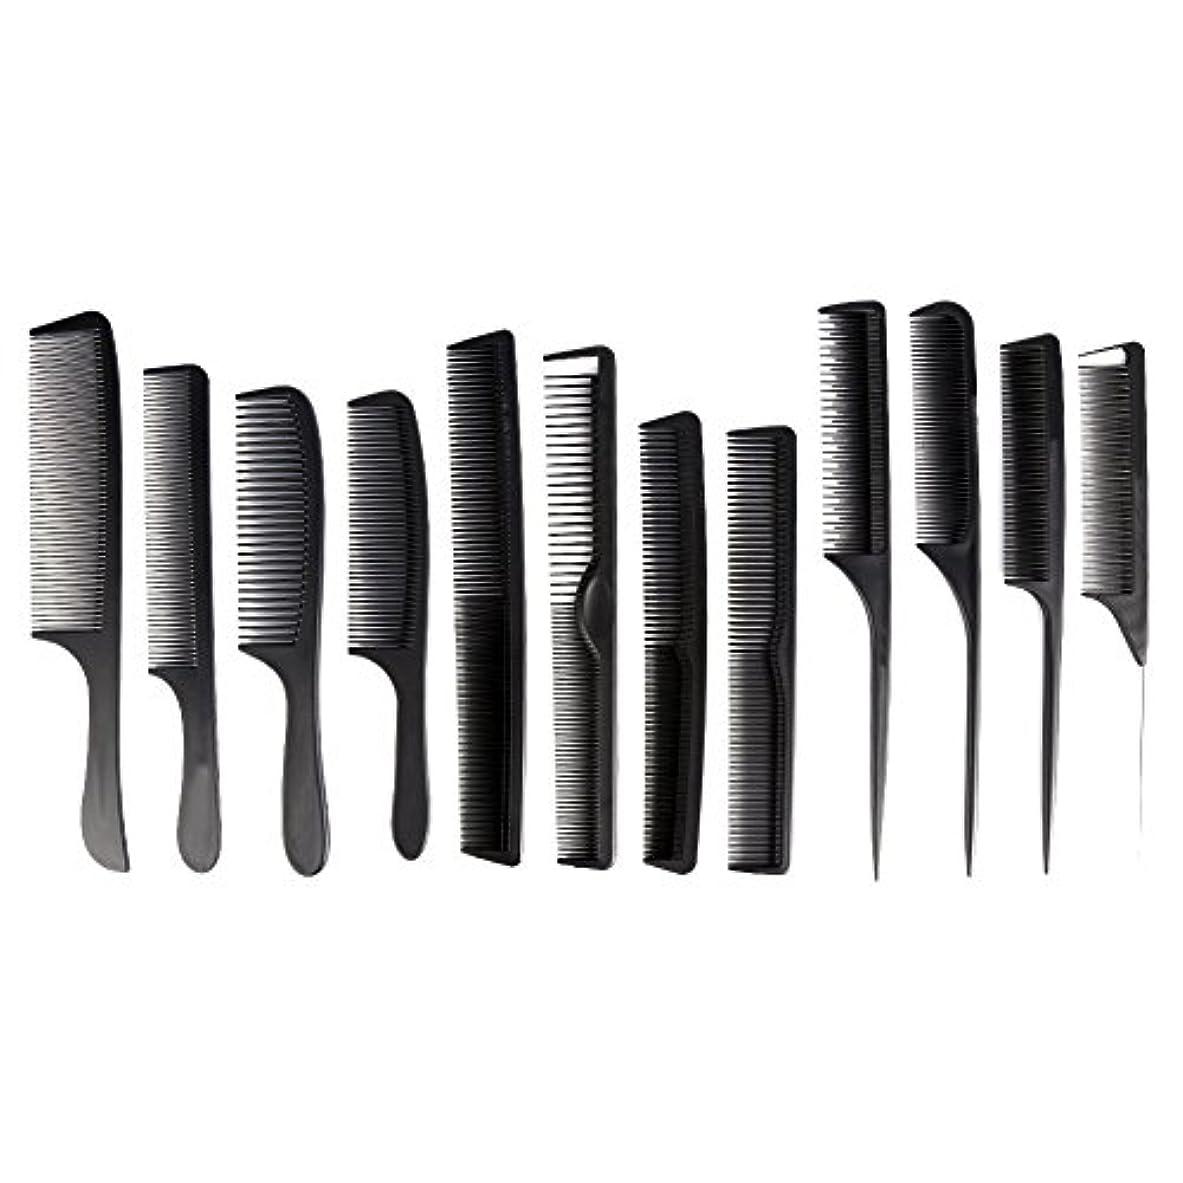 商業のインセンティブ接触カットコーム 散髪用コーム コームセット12点セット プロ用ヘアコーム  静電気減少 軽量 サロン/美容室/床屋など適用